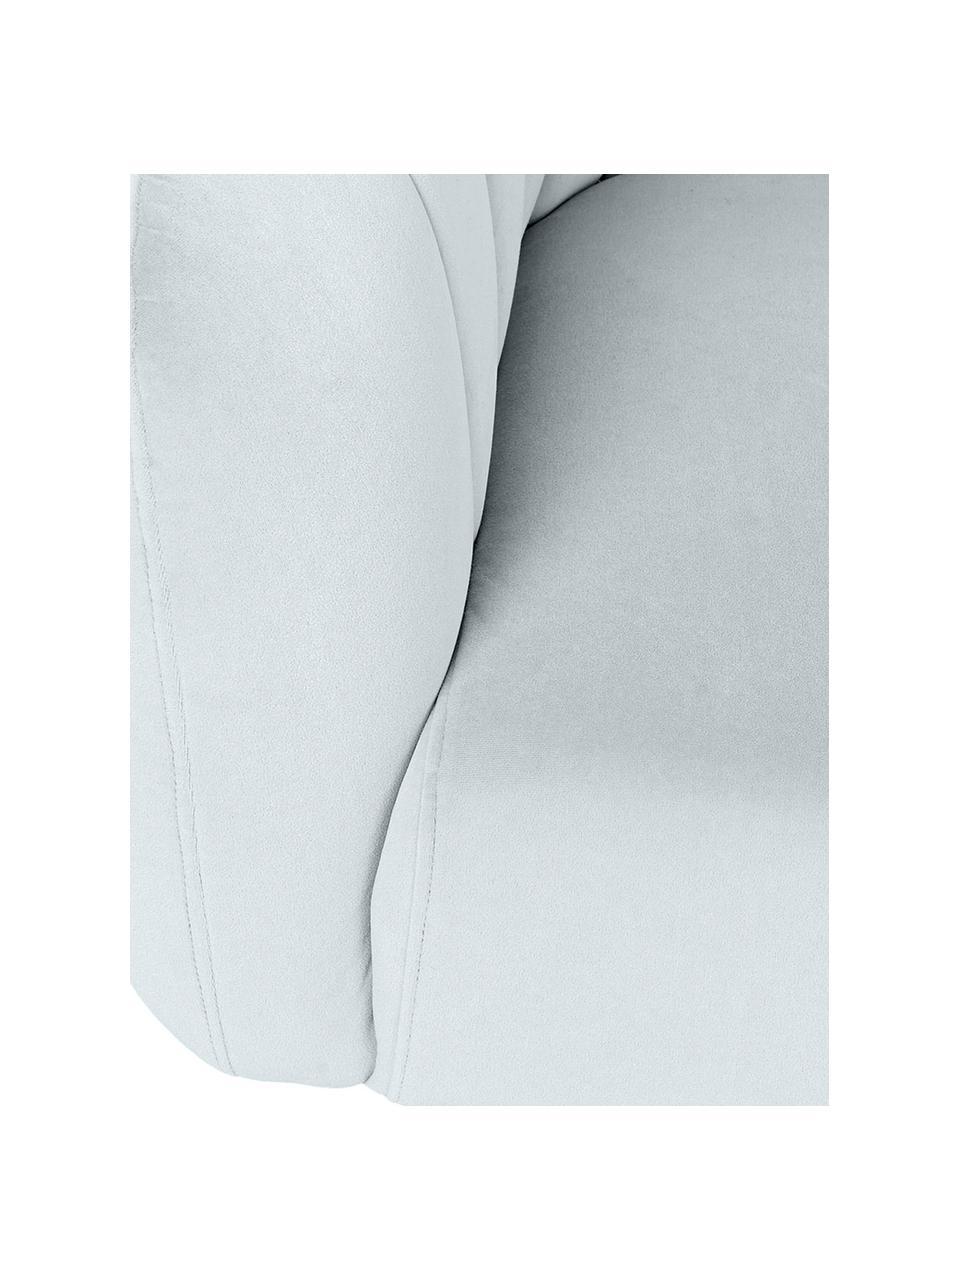 Sofa z aksamitu Ara (2-osobowa), Tapicerka: 100% aksamit poliestrowy, Nogi: metal powlekany, Niebieski, S 129 x G 73 cm